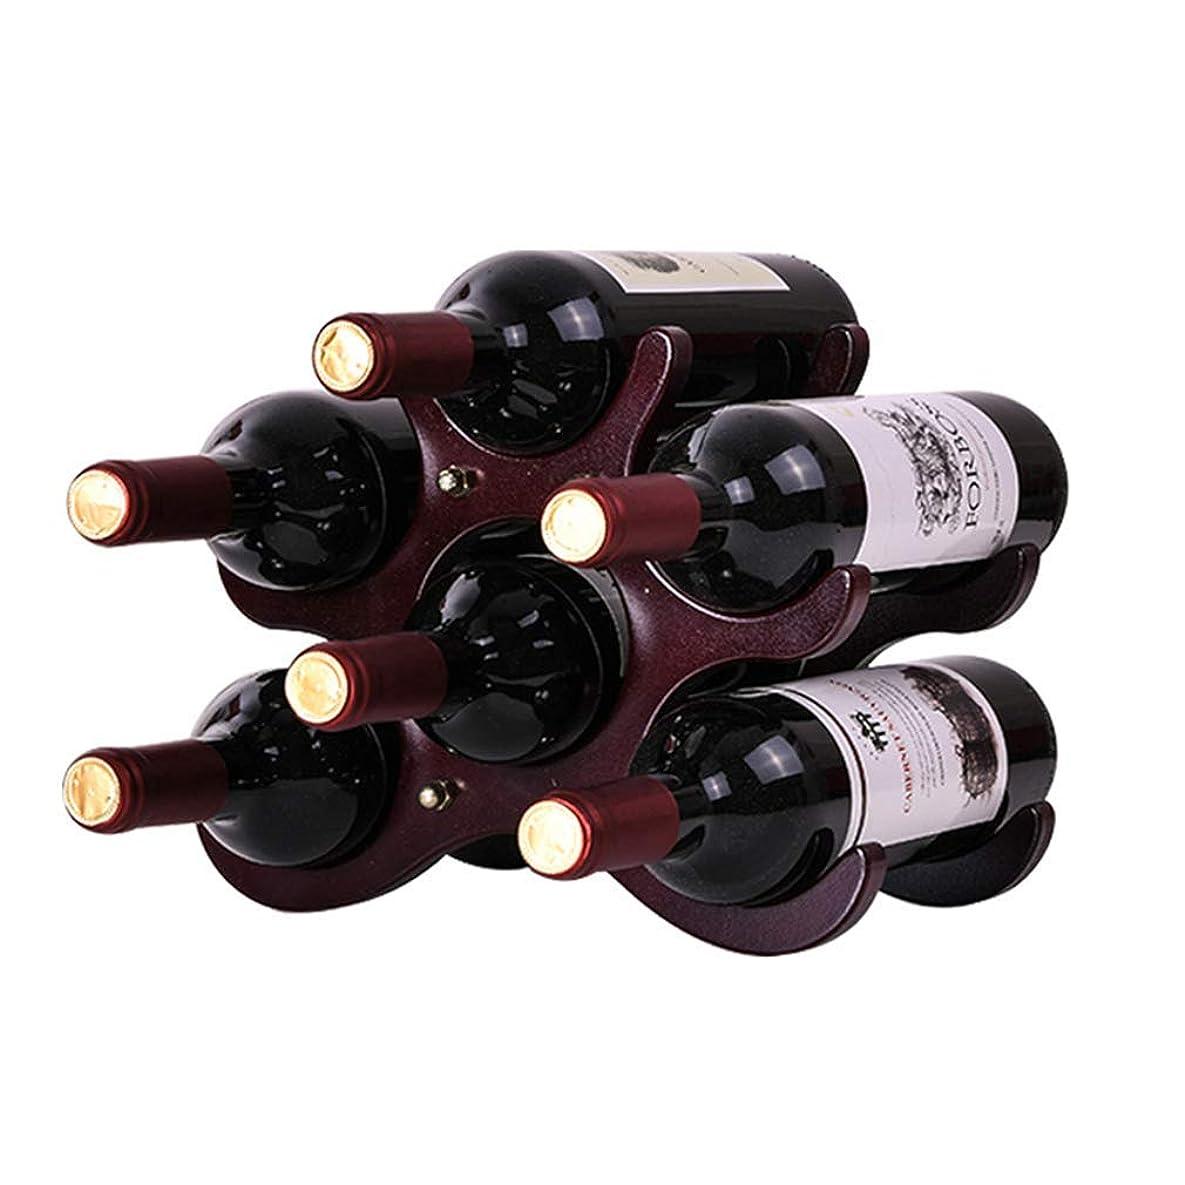 故意の添加自分自身木製ワインラックワインボトルホルダーカウンターキャビネットワインホルダー収納は、スタンド6本のボトルを持ち、赤&白ワインのためのスペースセーバープロテクター